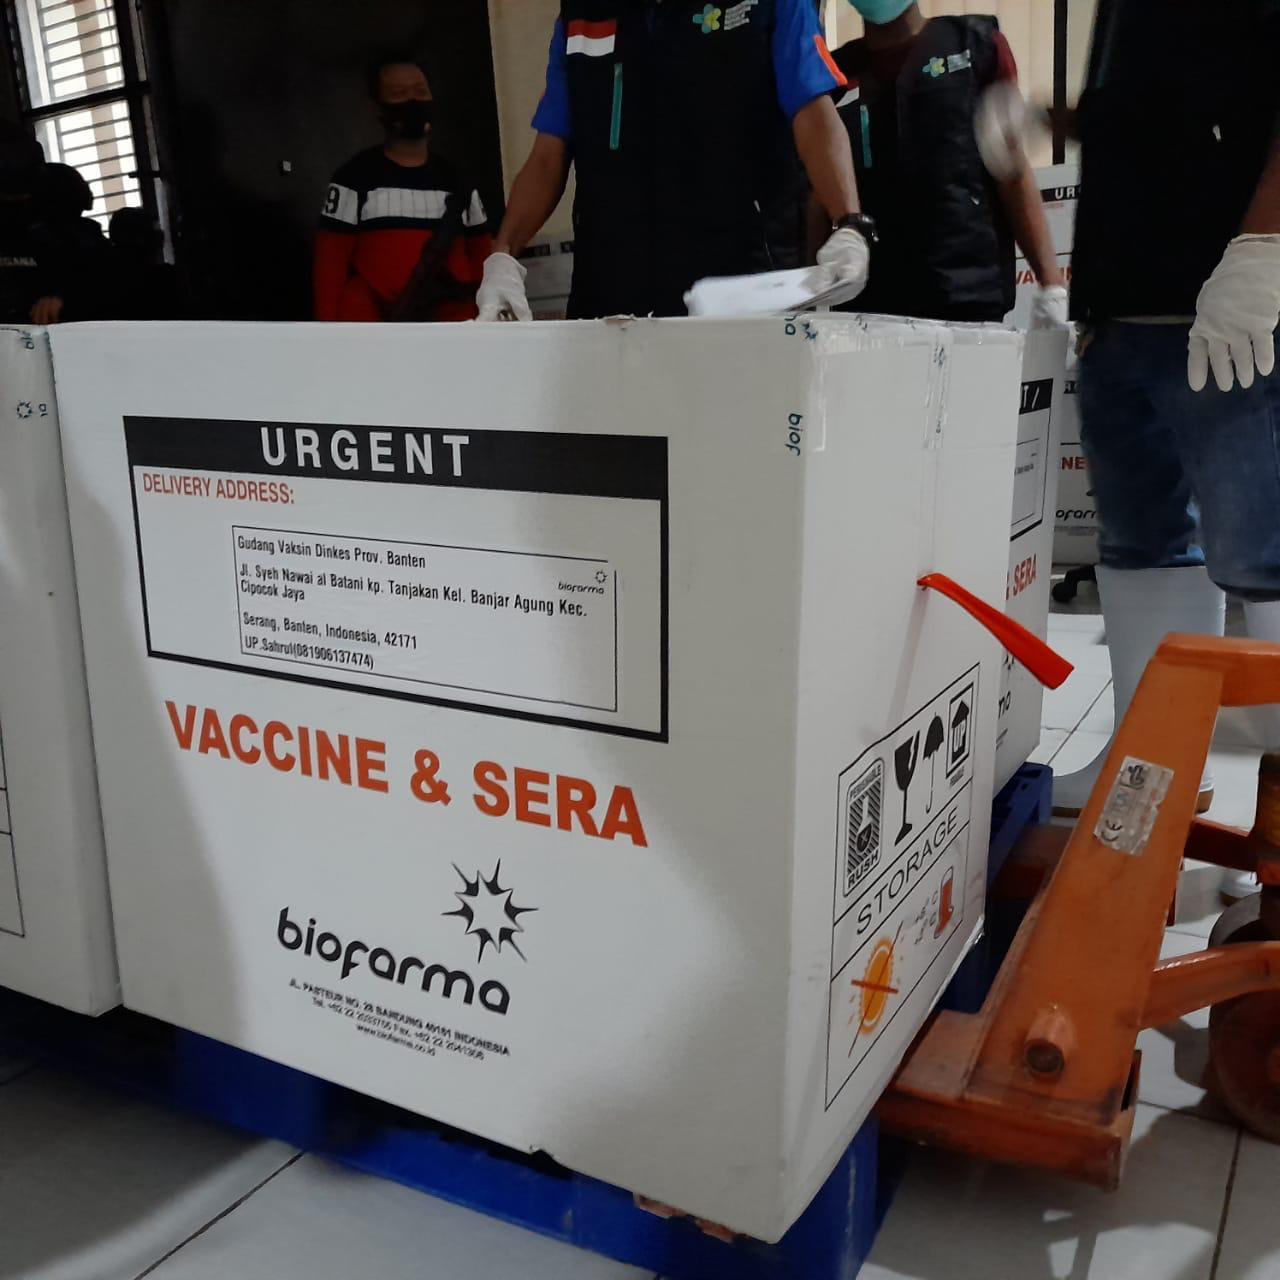 Pemerintah Diminta Jujur soal Vaksin Sinovac, Ada Apa?